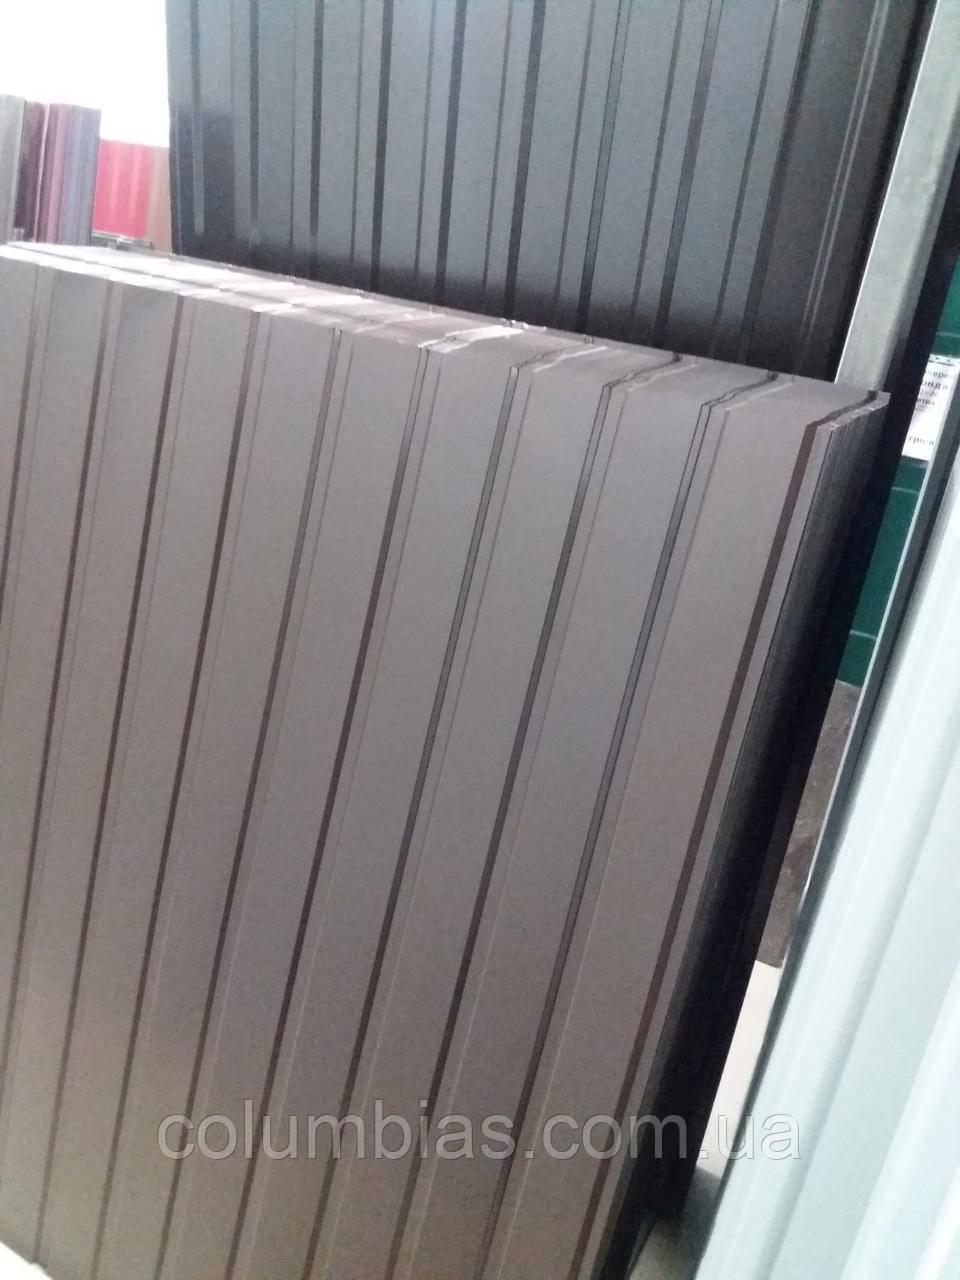 Розпродаж бляхи профлистів для паркану , даху